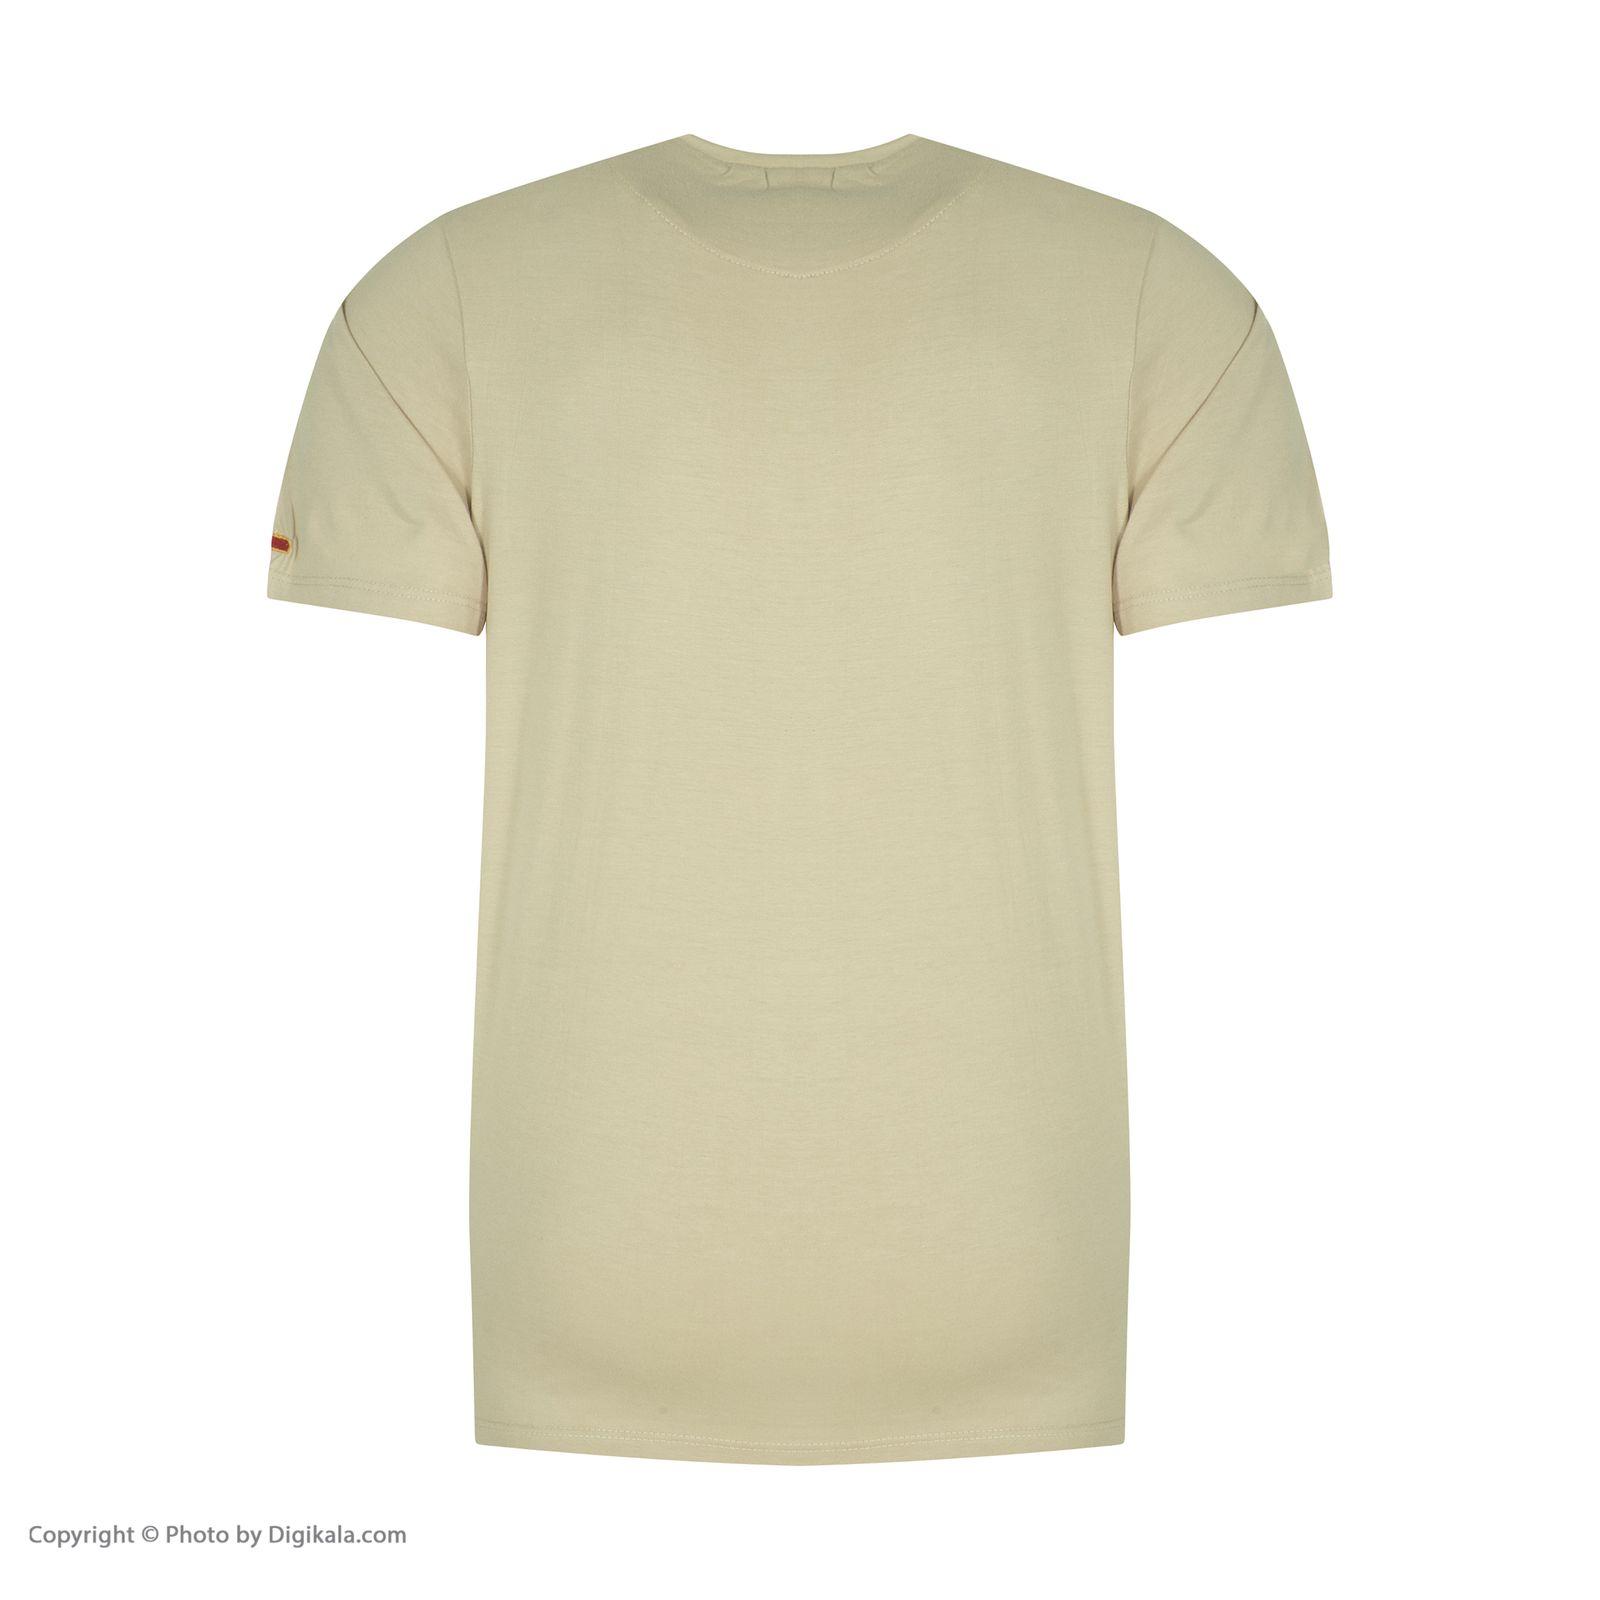 ست تی شرت و شلوارک راحتی مردانه مادر مدل 2041109-07 -  - 6